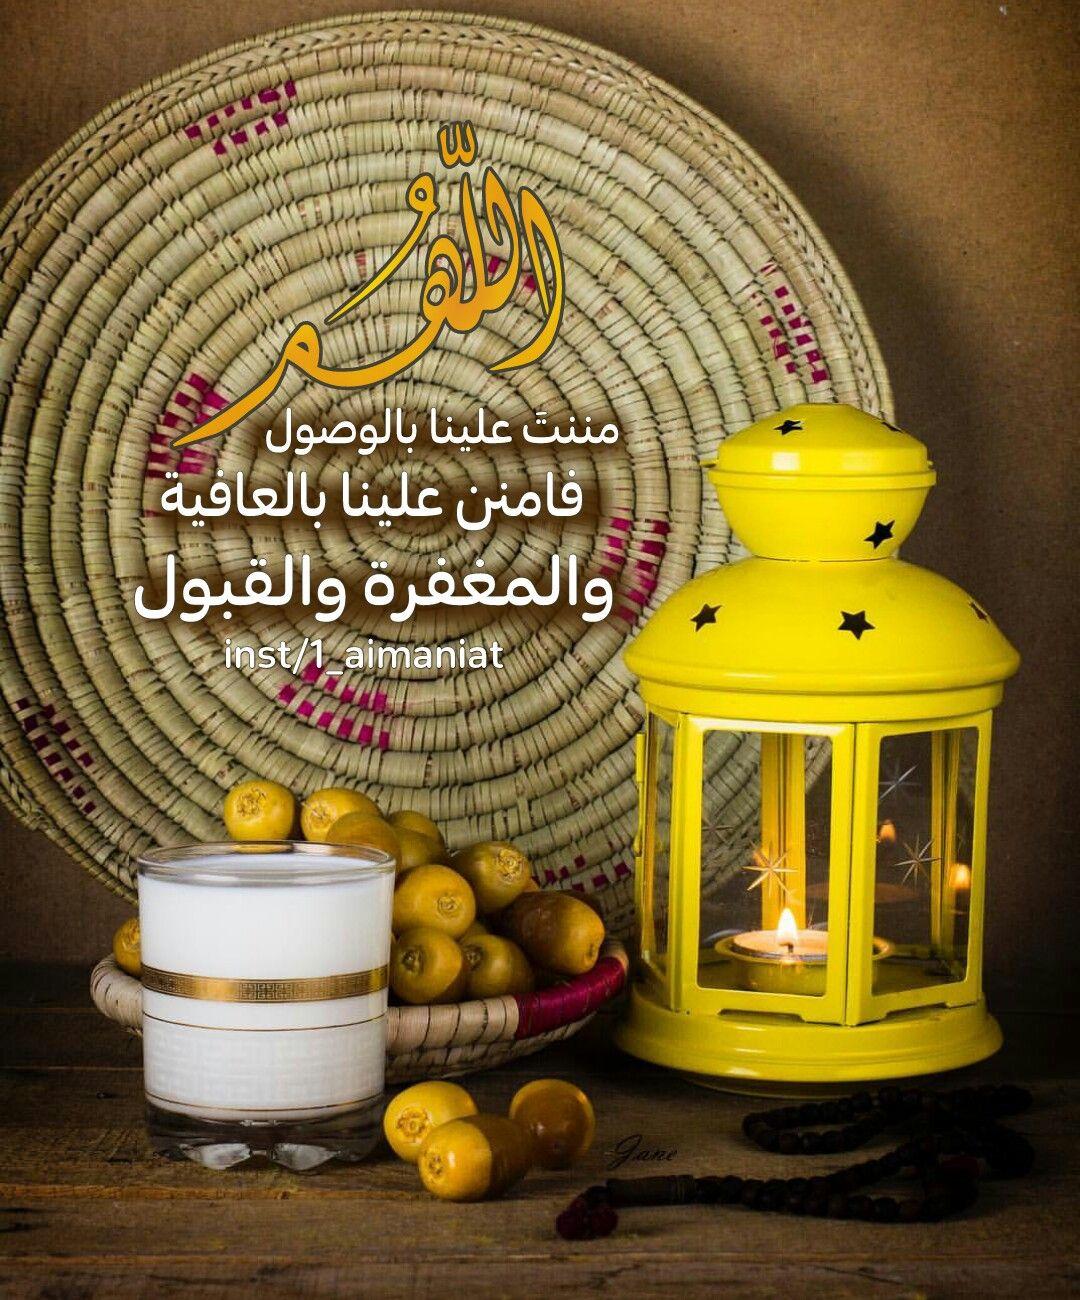 اللهم مننت علينا بالوصول فامنن علينا بالعافية والمغفرة والقبول Ramadan Ramadan Kareem Quran Quotes